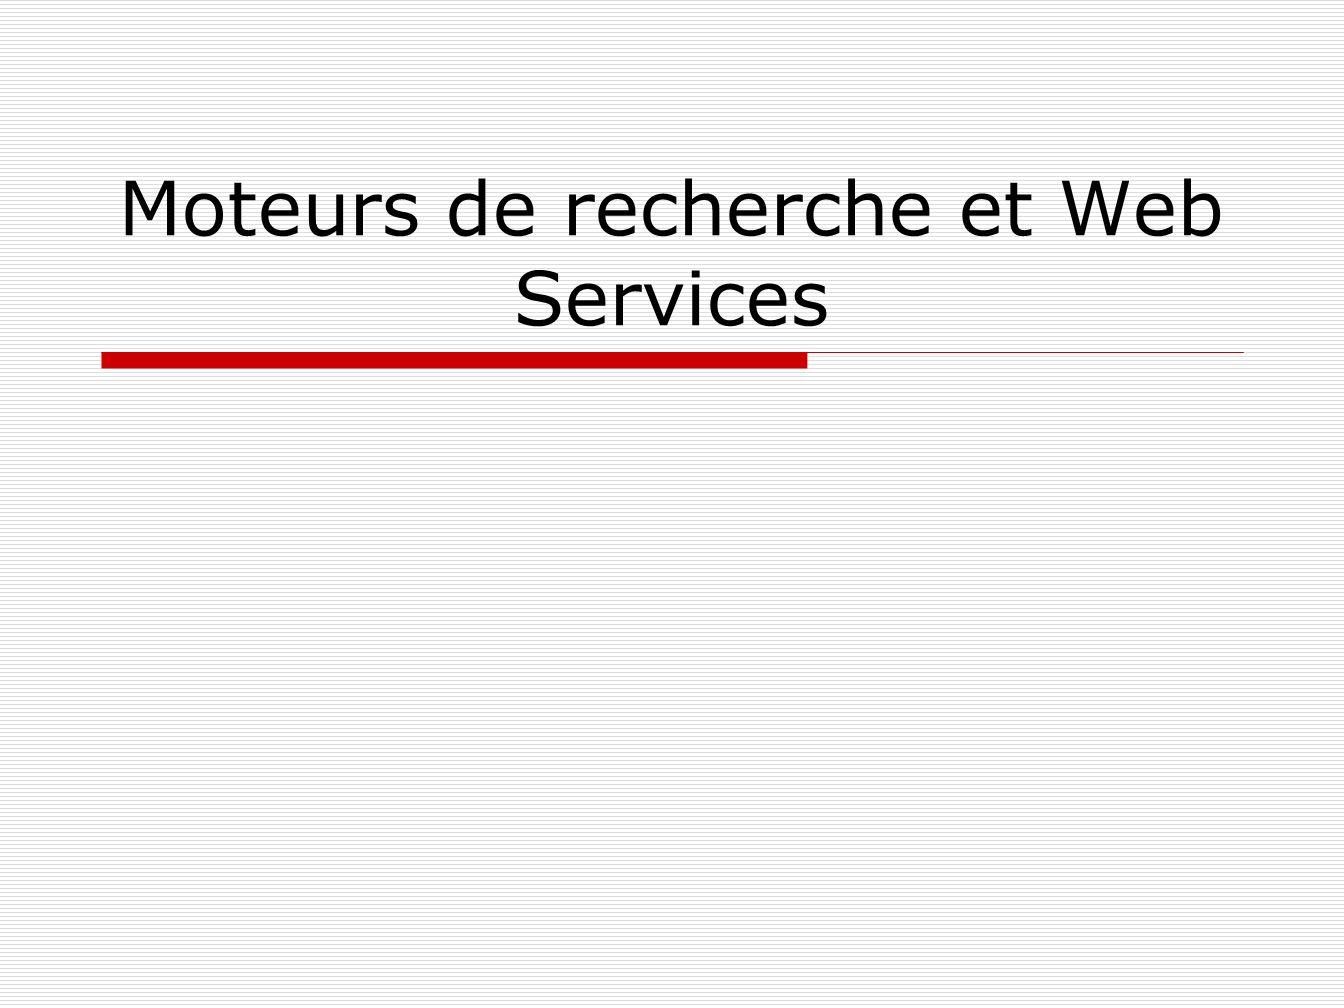 Moteurs de recherche et Web Services